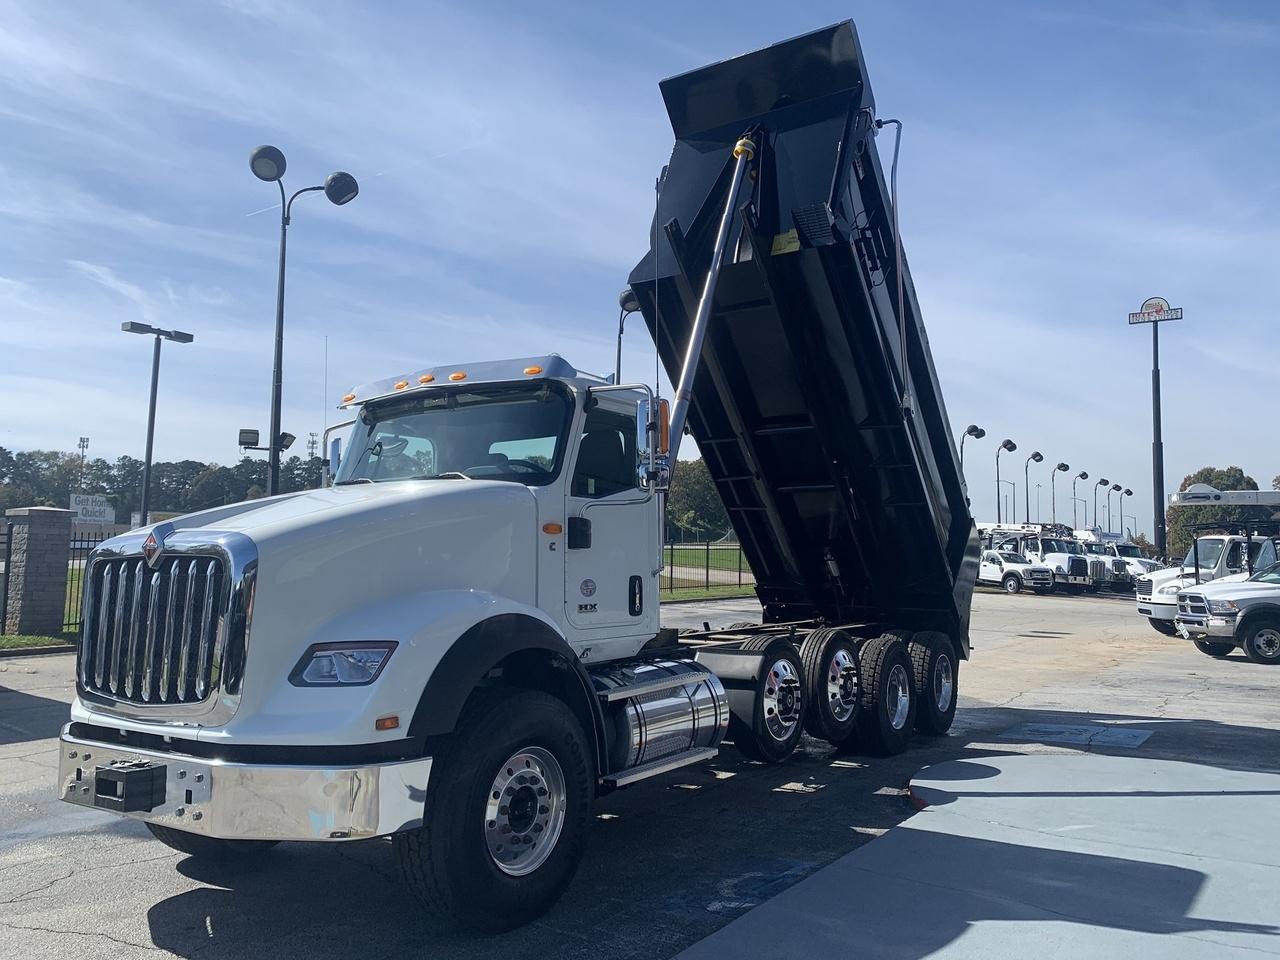 2018 International HX620 10x4 OX BODIES 18' Stampede Dump Truck